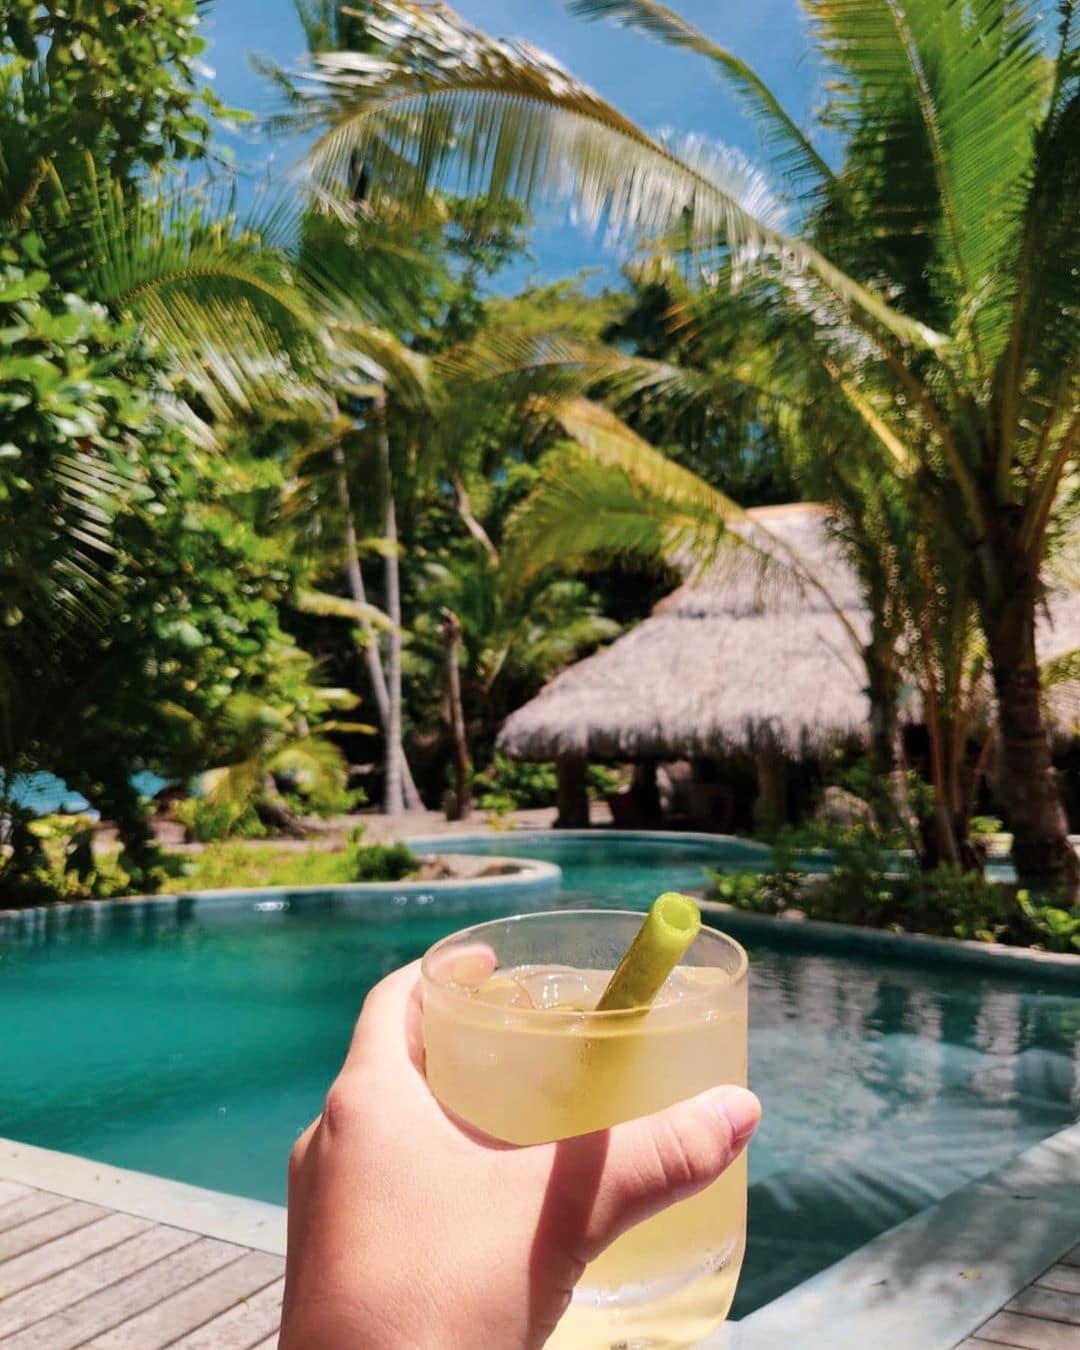 Cocktail im Paradies, und das ohne Plastik-Strohhalm. Auf Isla Palenque verwendet man stattdessen Halme der Papayapflanze. Finden wir super! #islapalenque #panama #visitpanama #passionpassport #mytinyatlas #reportervorort #travel #privateisland #explorepanama @islapalenque @cayugacollection